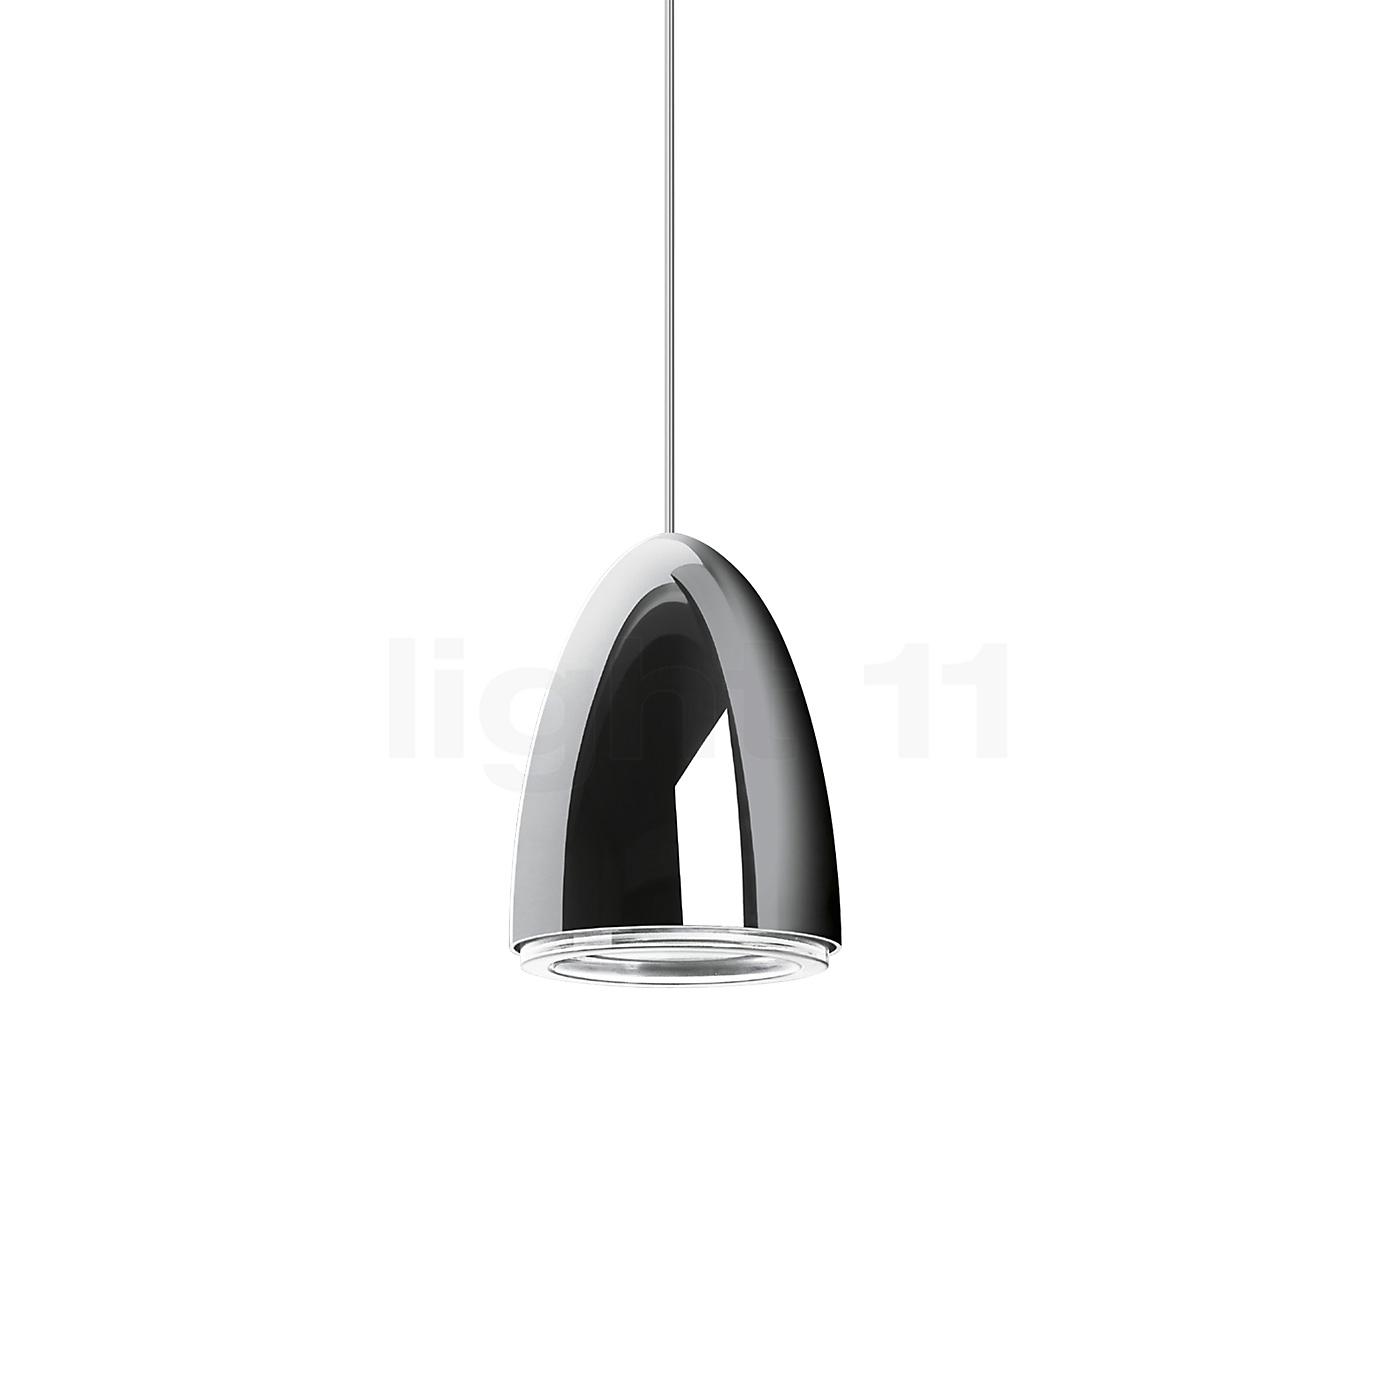 glashuette limburg 5464 5460 pendelleuchte led. Black Bedroom Furniture Sets. Home Design Ideas